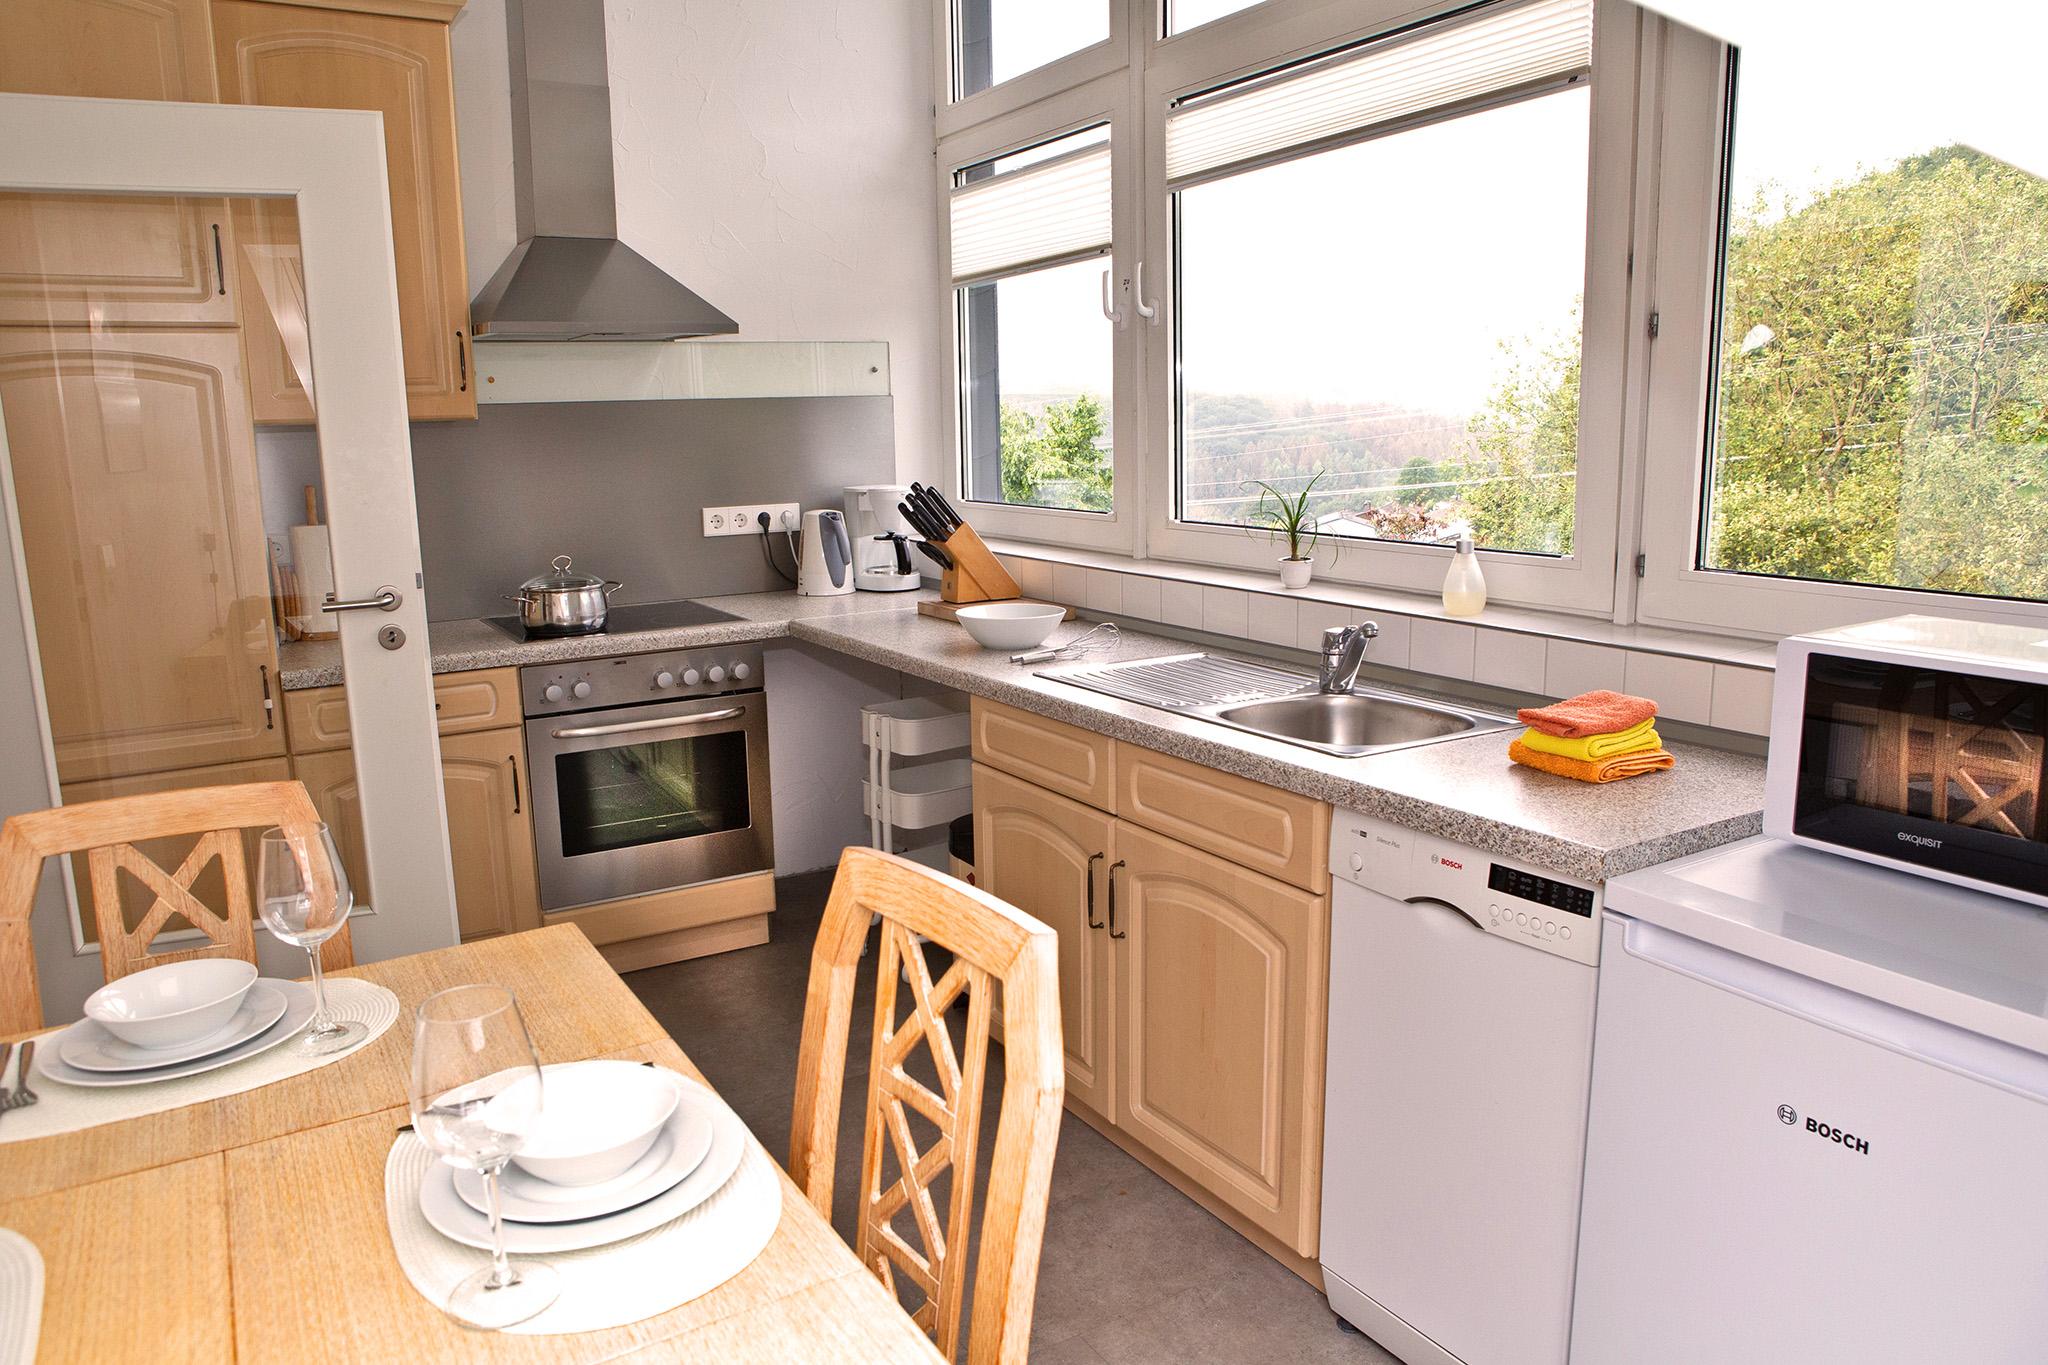 Die komplett ausgestattete Küche..